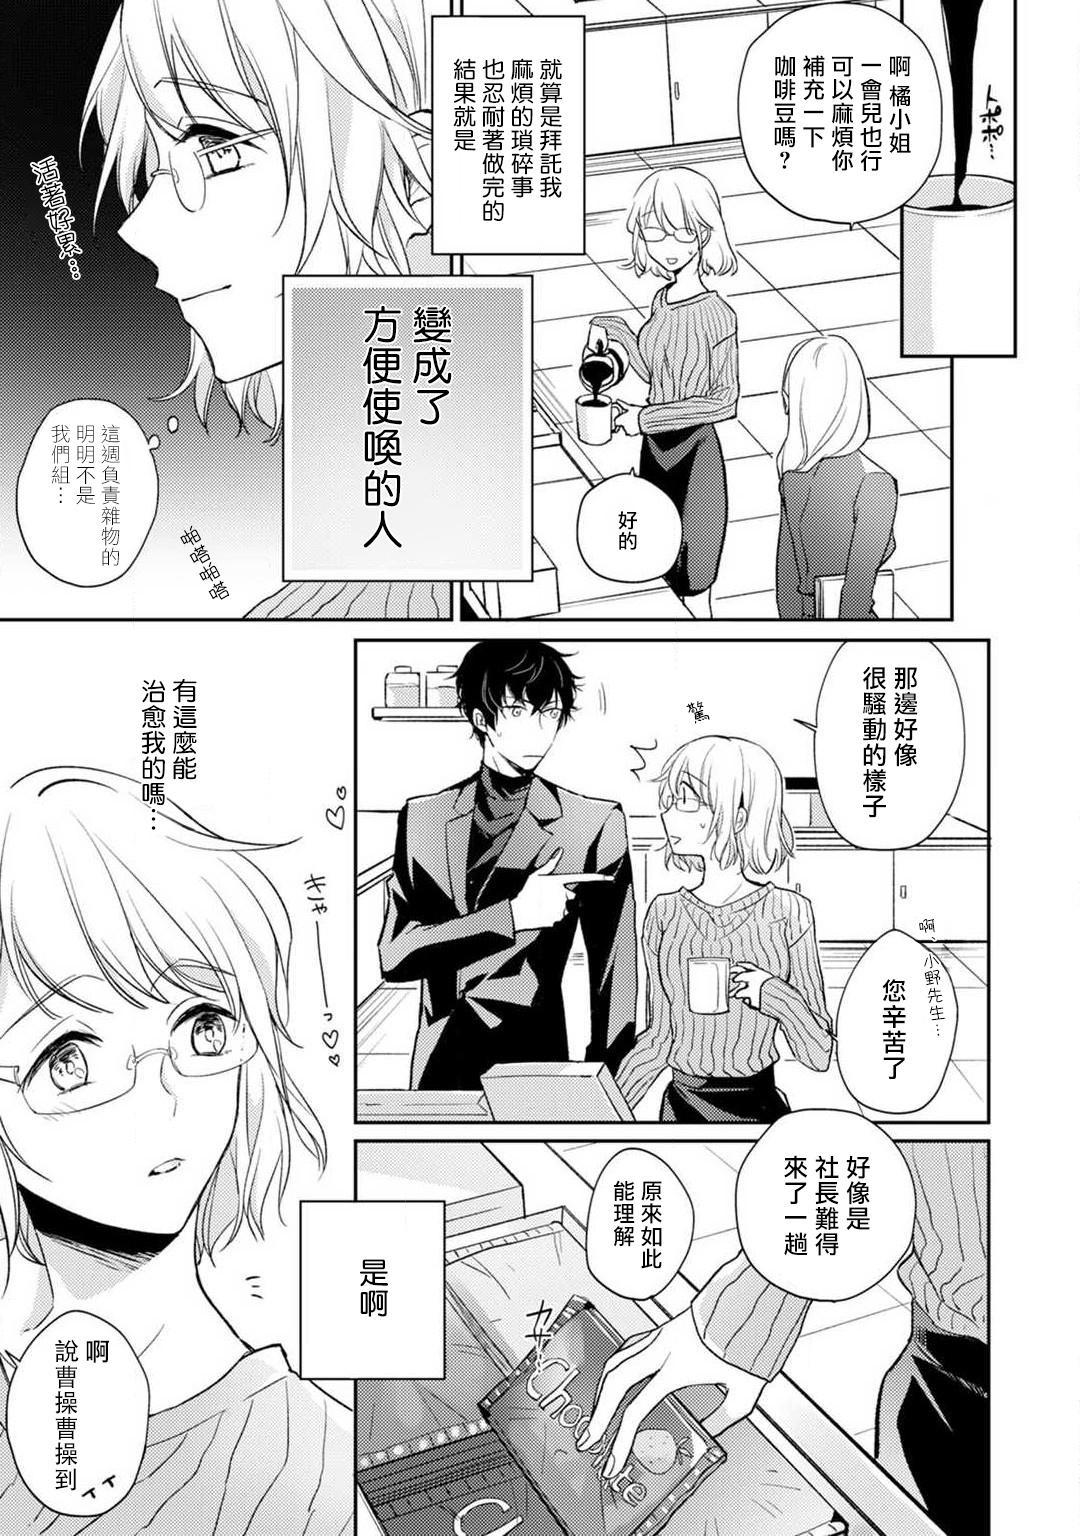 [Shichigatsu Motomi]  Sonna Kao shite, Sasotteru? ~Dekiai Shachou to Migawari Omiaikekkon!?~ 1-11  這種表情,在誘惑我嗎?~溺愛社長和替身相親結婚!? [Chinese] [拾荒者汉化组] 3